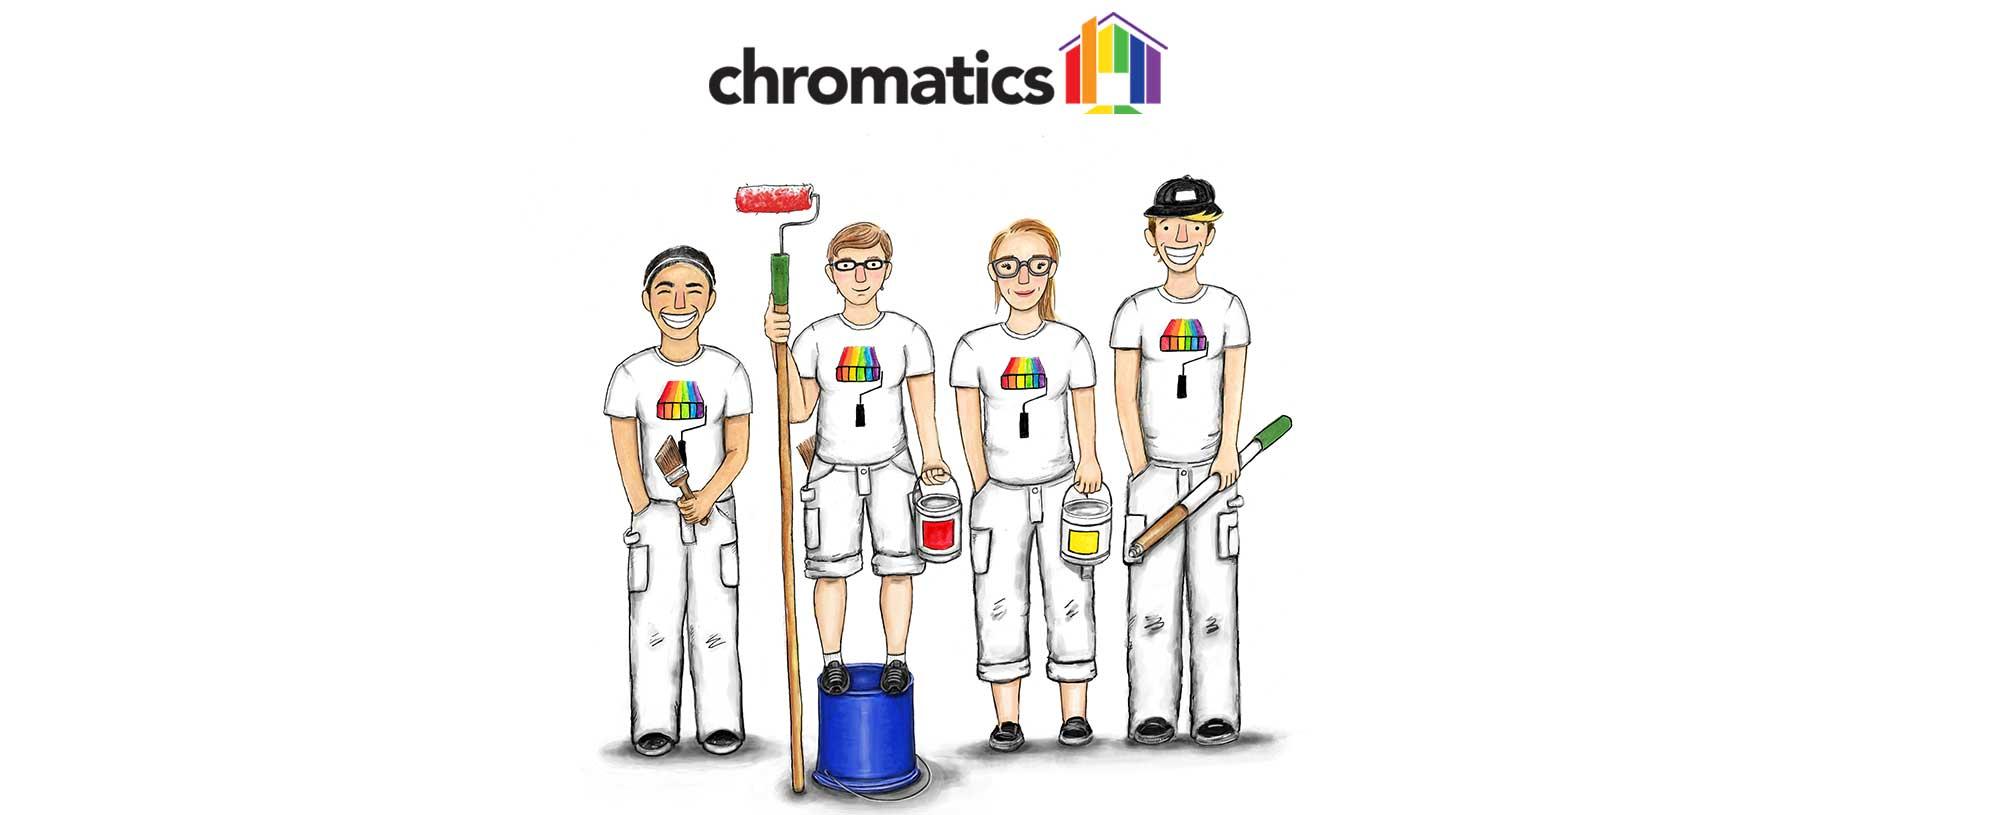 The Chromatics Crew photo